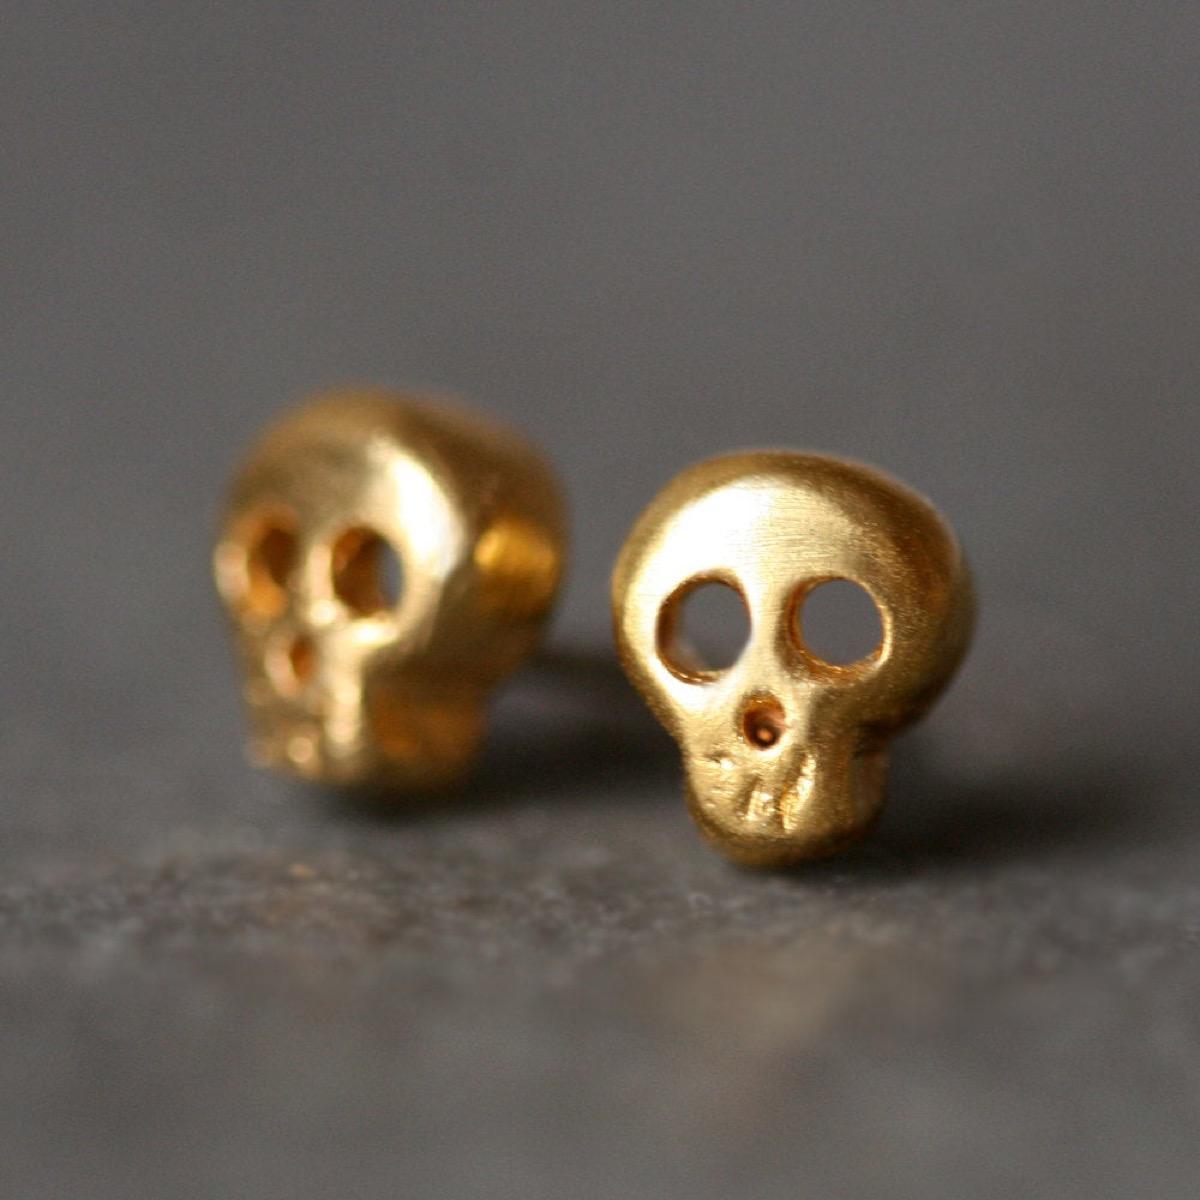 two gold skull earrings, Etsy jewelry